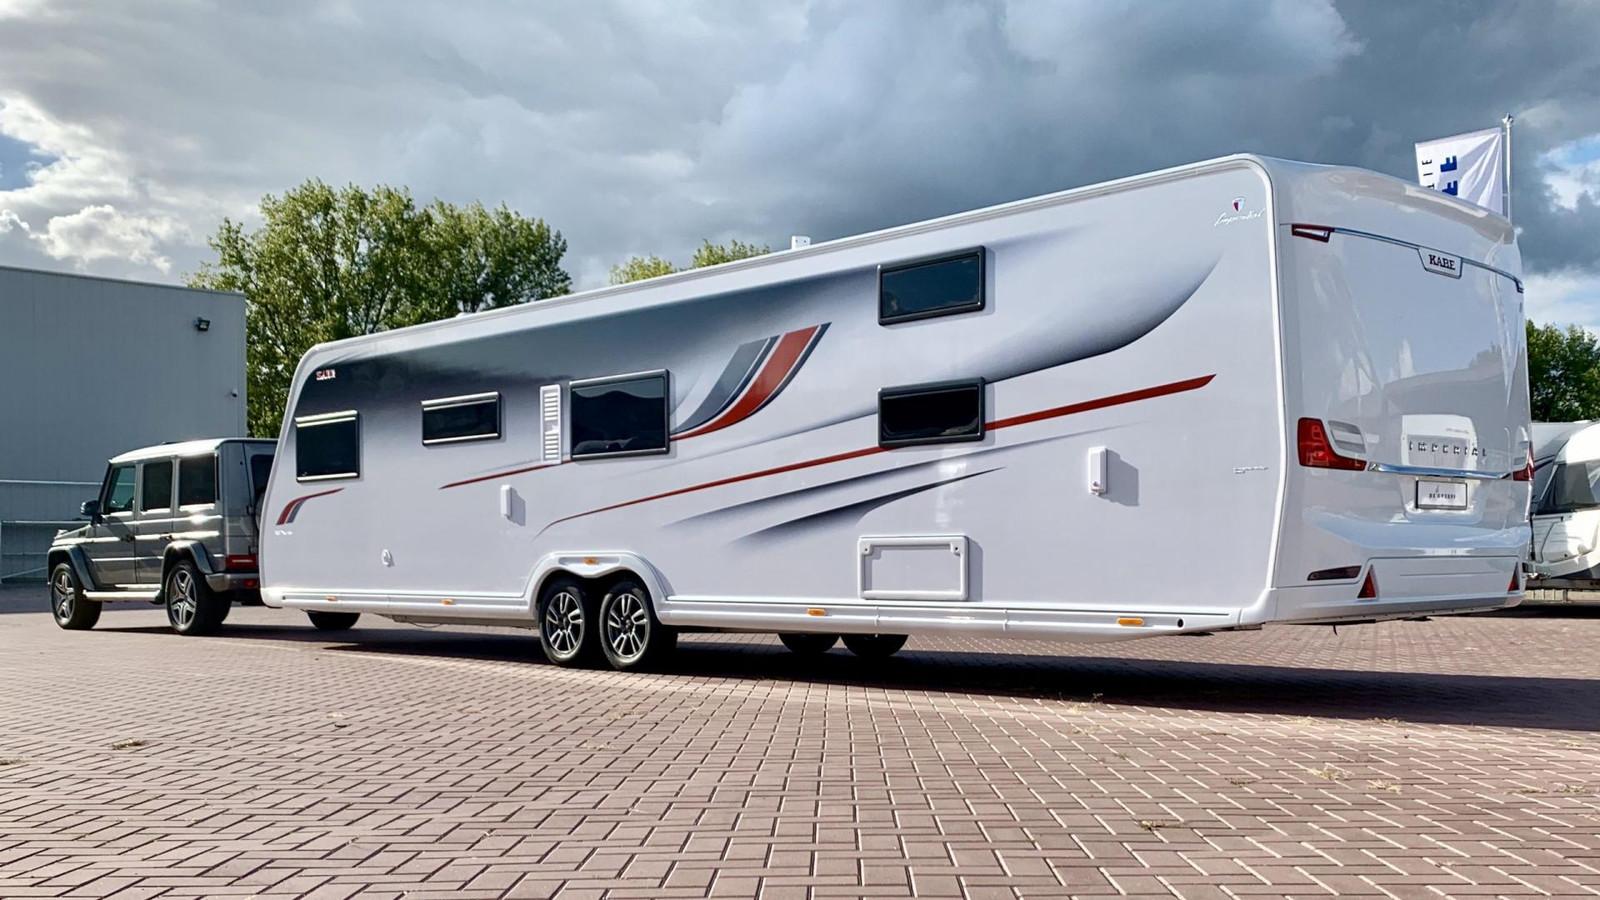 Caravans met een lengte van meer dan 6,50 meter, zoals dit 11,50 meter lange exemplaar, mogen helemaal niet voor de deur worden geparkeerd.